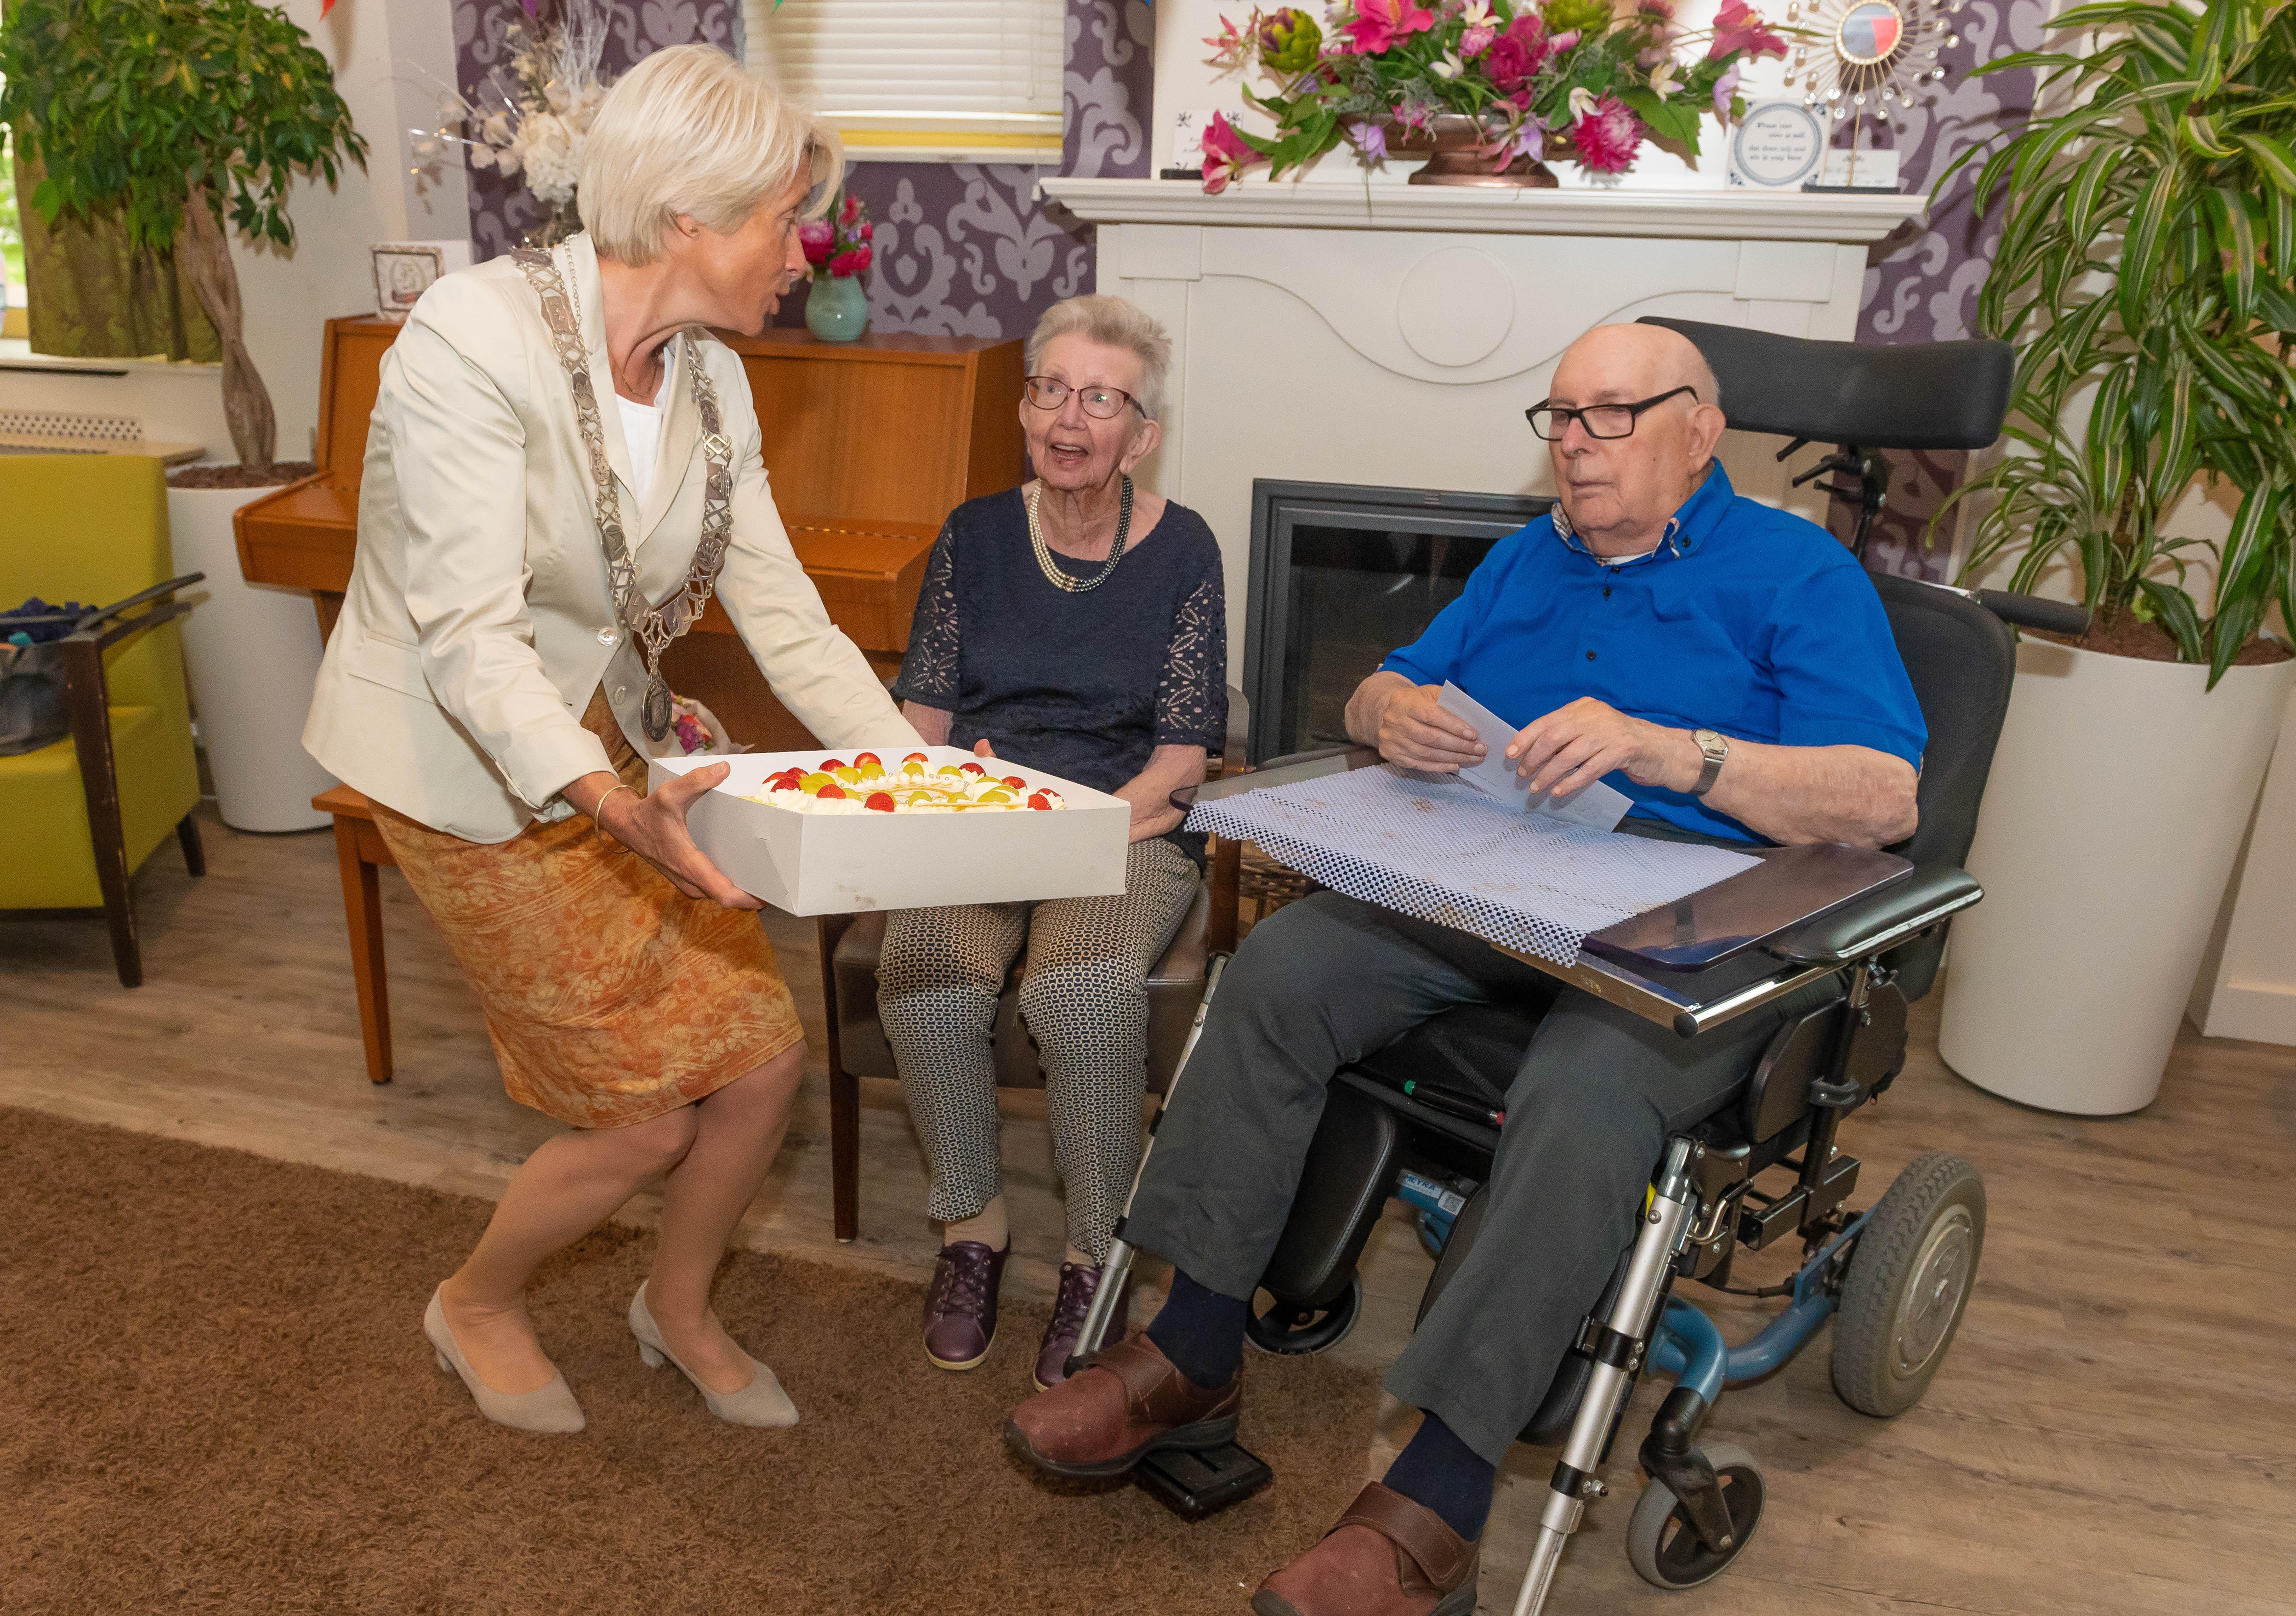 'Onze eerste kus? Ik weet nog wel die met een ander vriendje'; echtpaar Carbaat (97 en 91) viert zeventigjarig huwelijksfeest in Oosthuizen